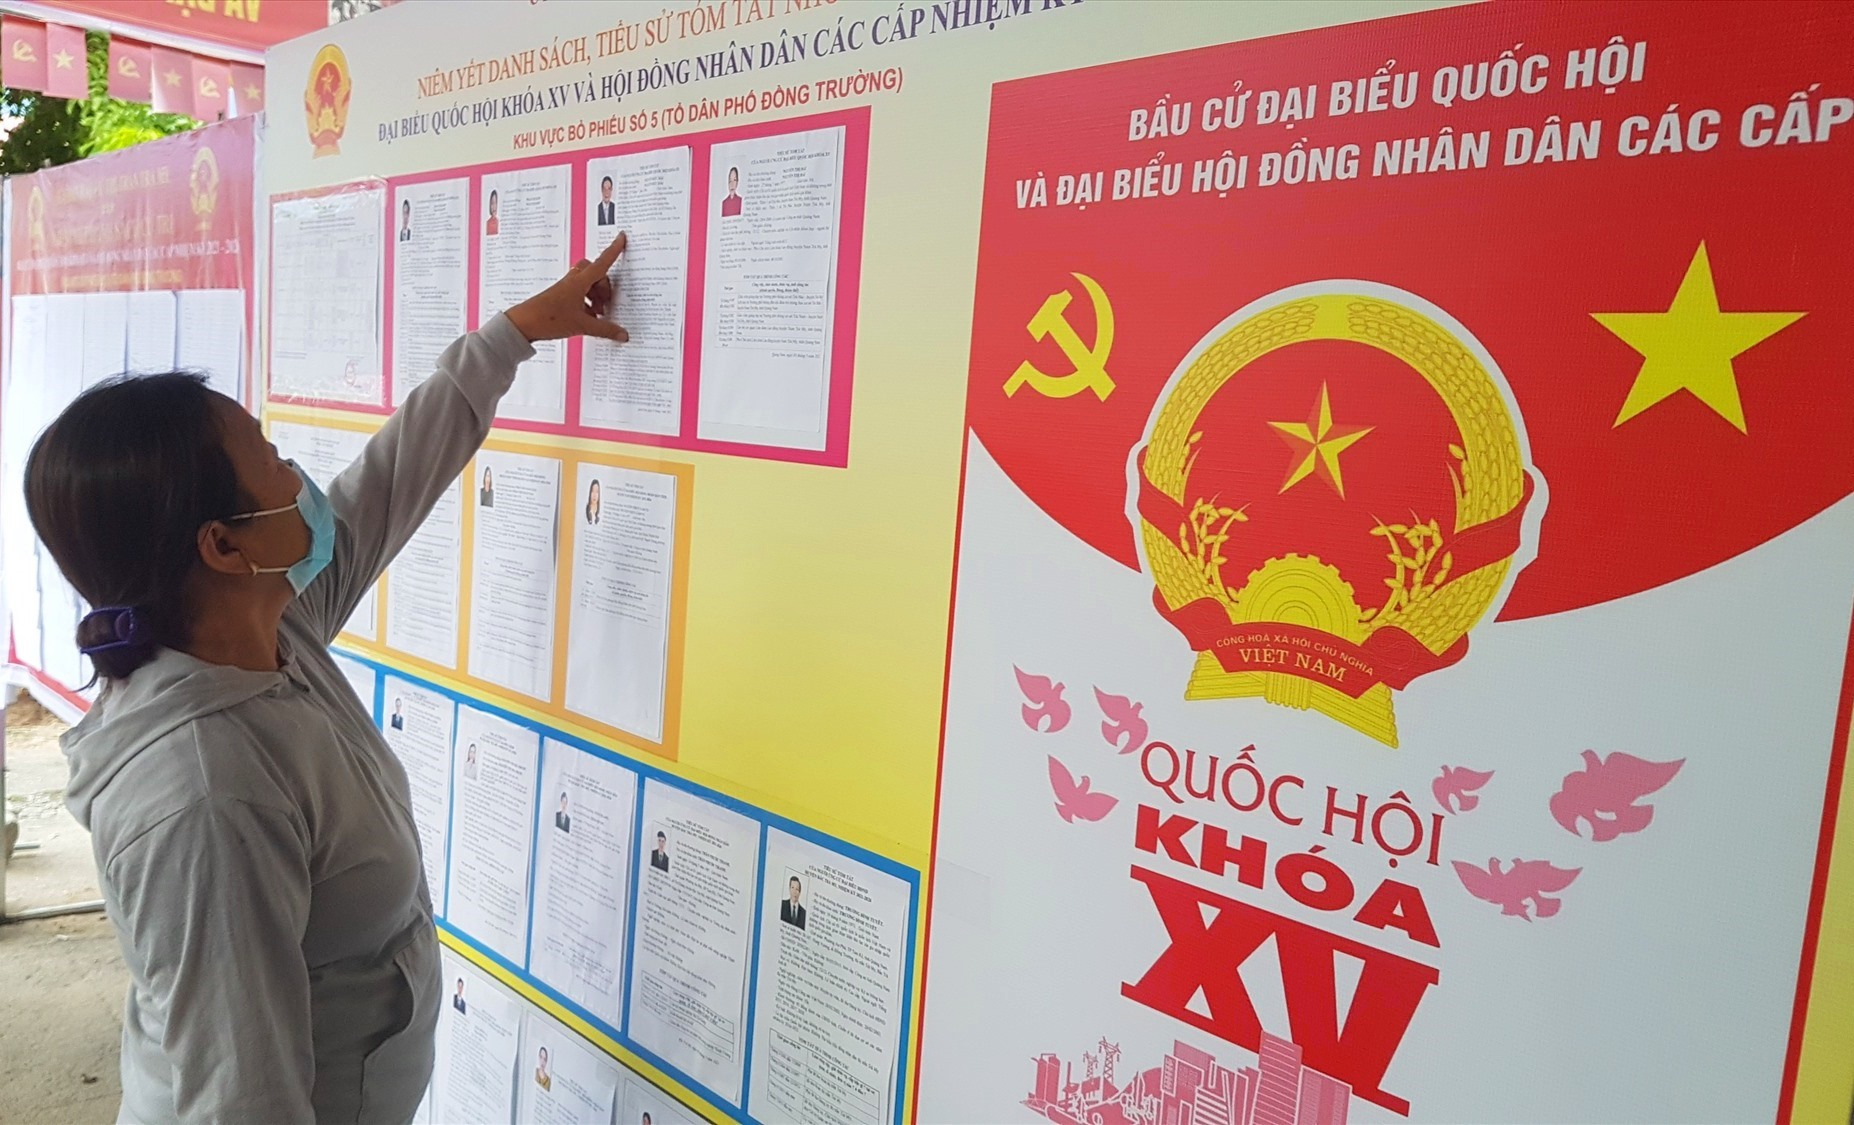 Cử tri tìm hiểu thông tin ứng cử viên được niêm yết tại khu vực bỏ phiếu bầu cử. Ảnh: D.L